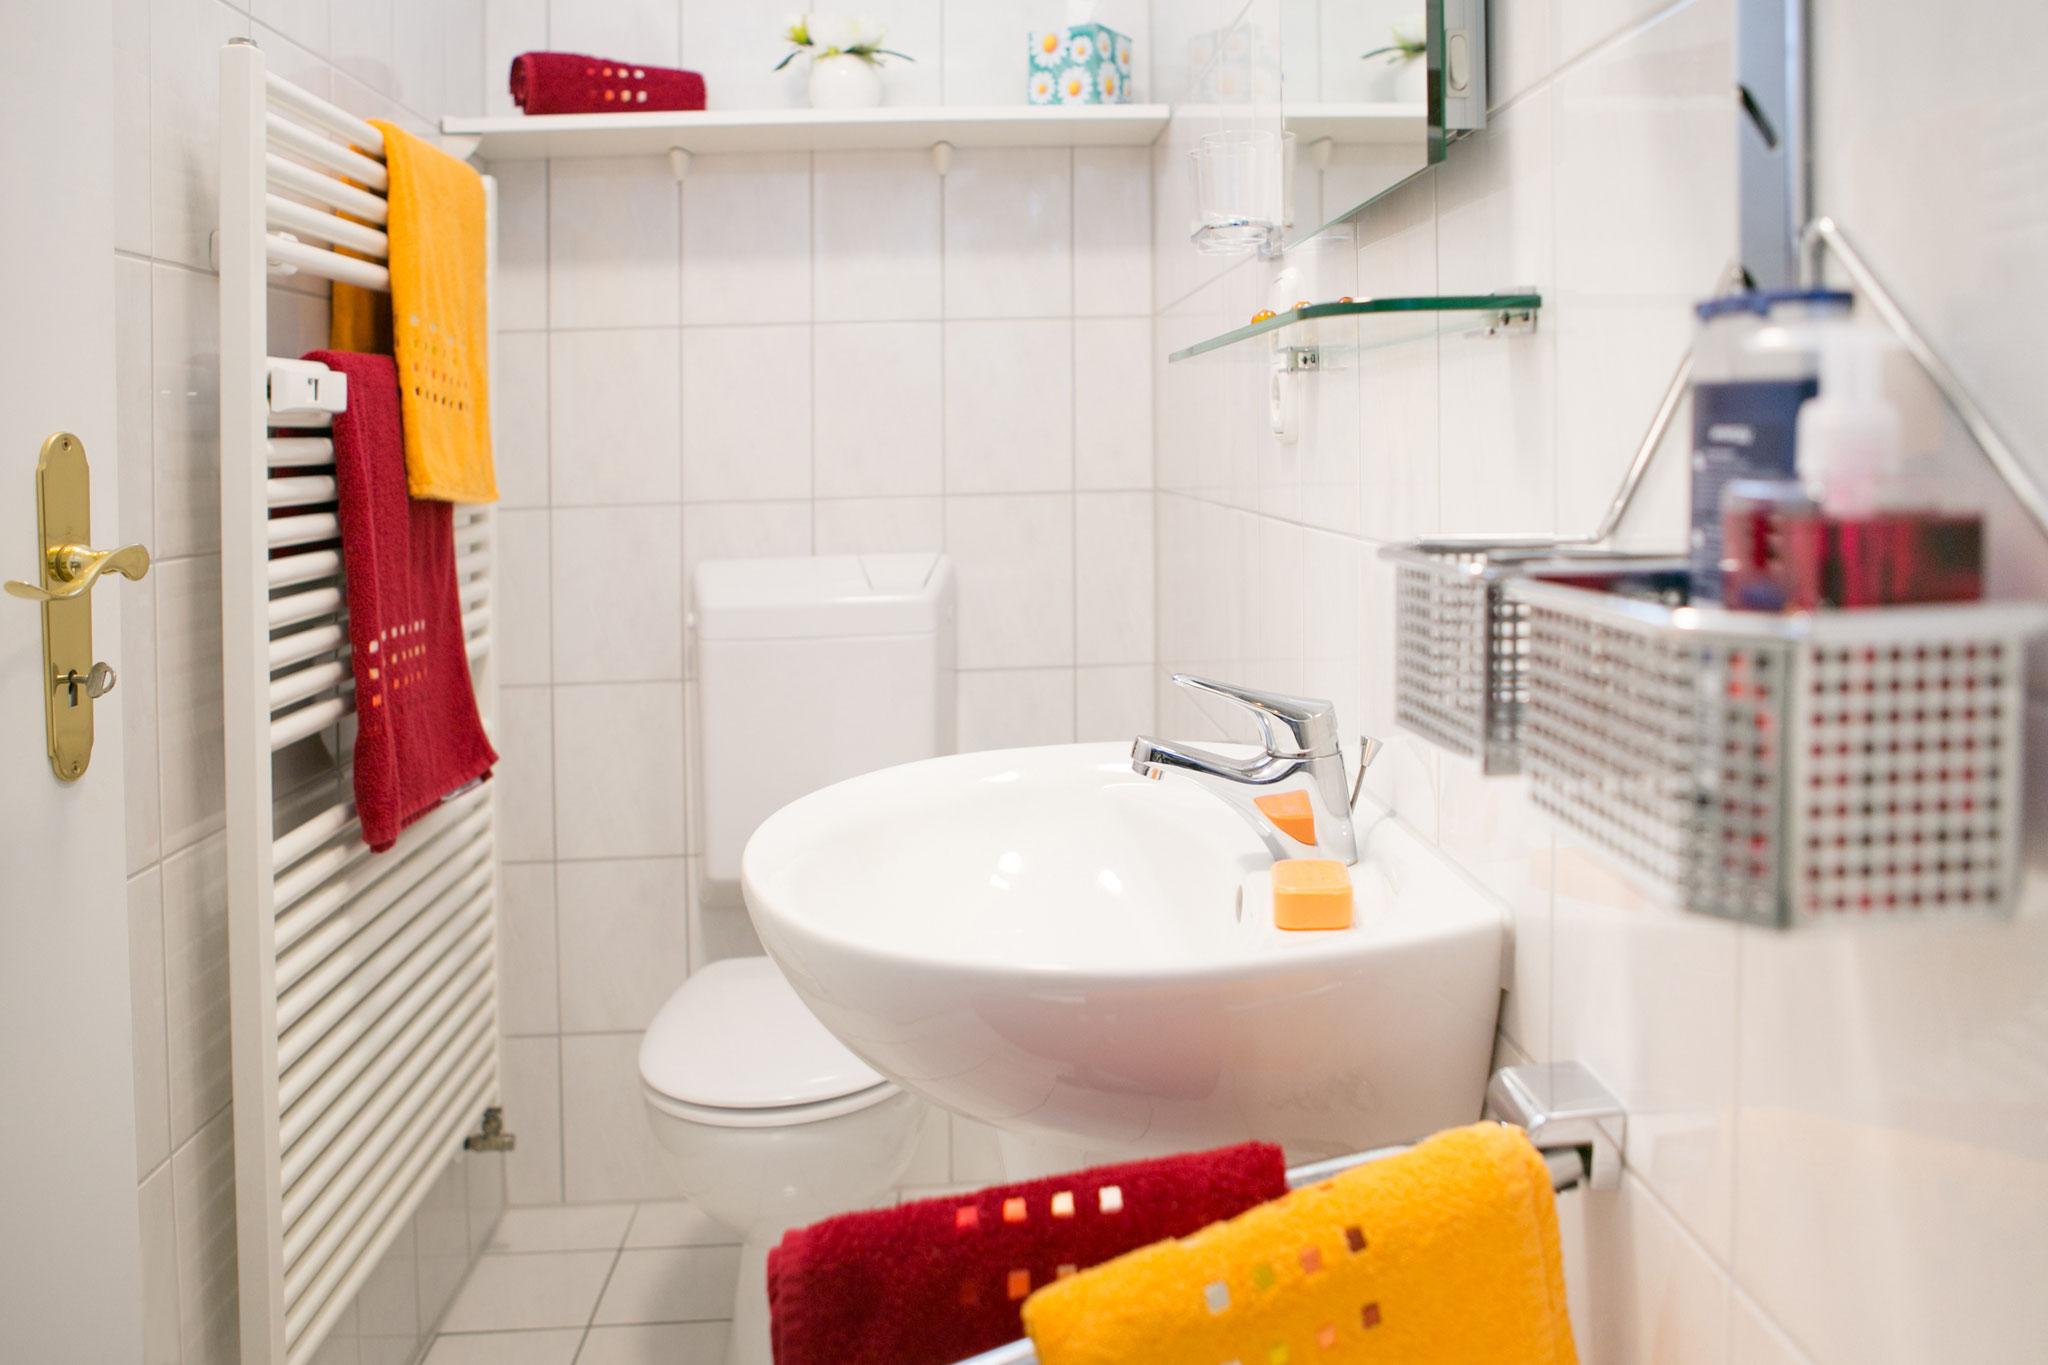 Bad mit Waschbecken und Toilette; Fenster